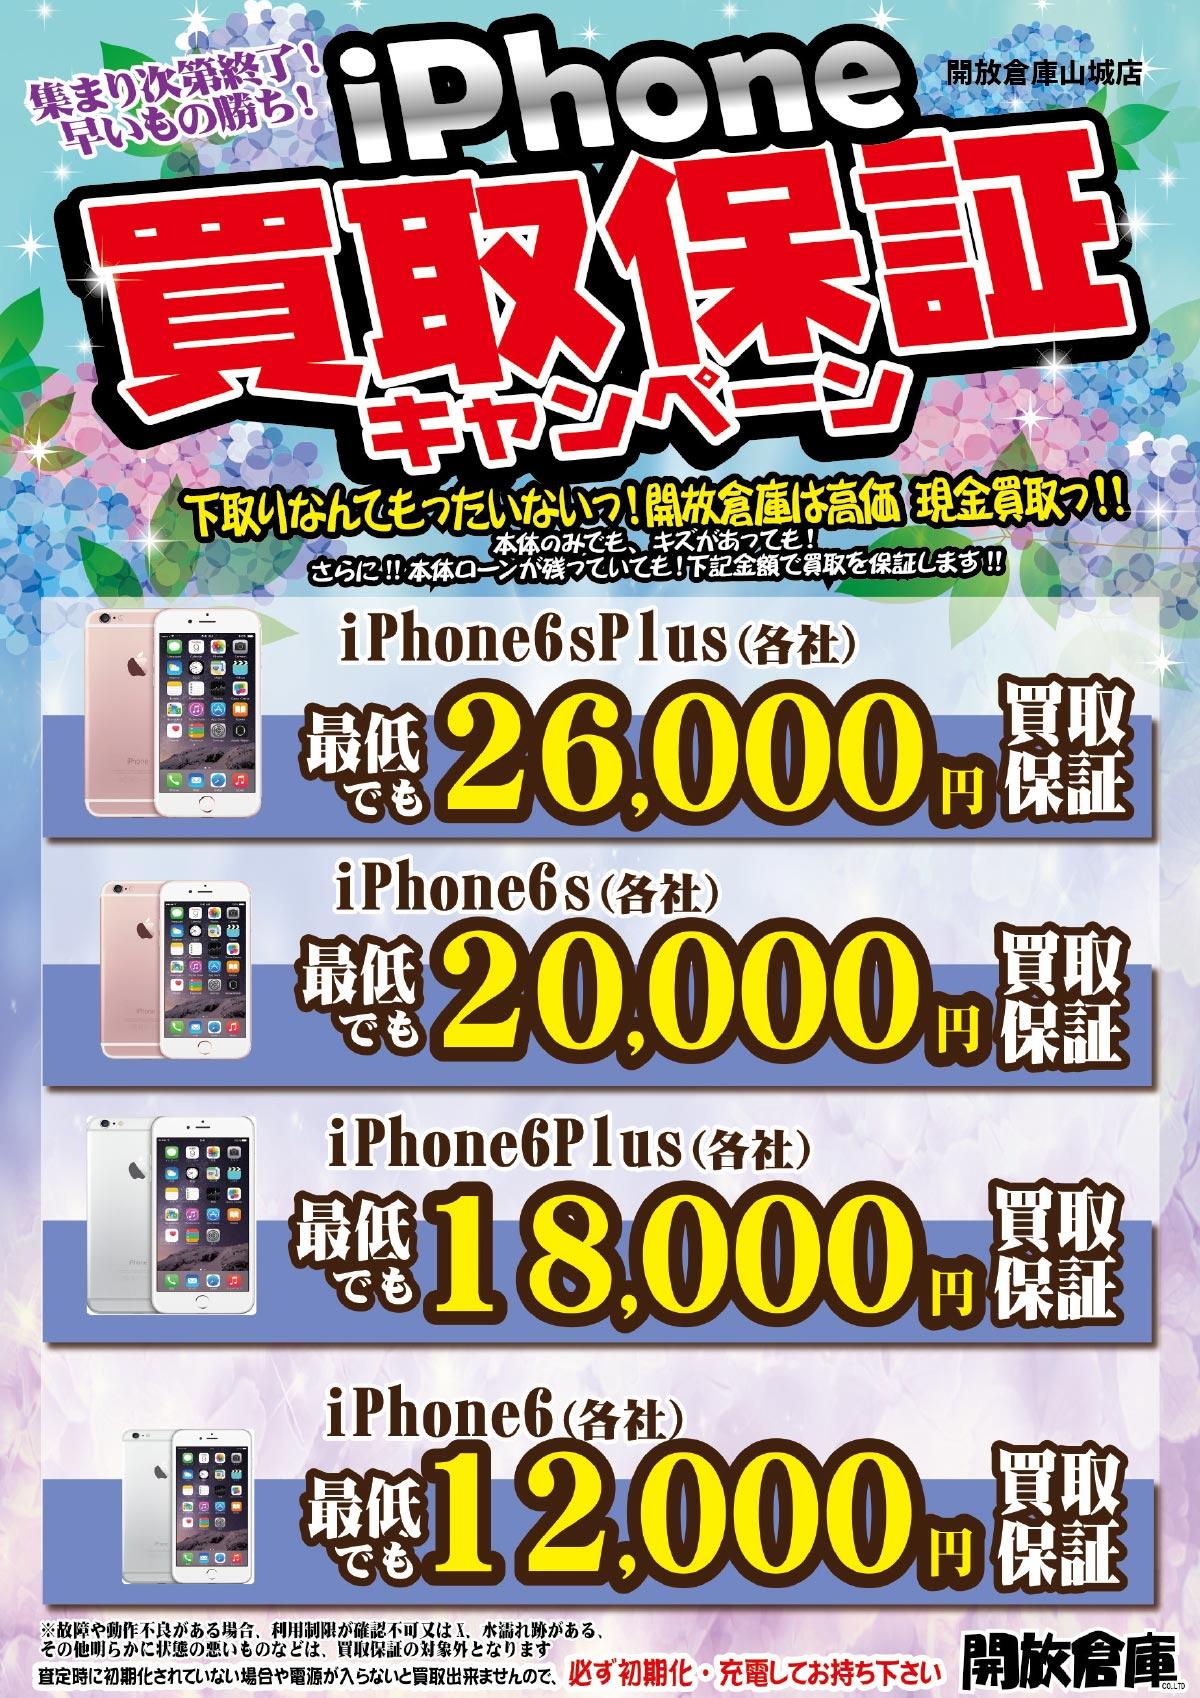 「開放倉庫山城店」2017年6月!集まり次第終了!!早いもの勝ちiPhone買取保証キャンペーン!!